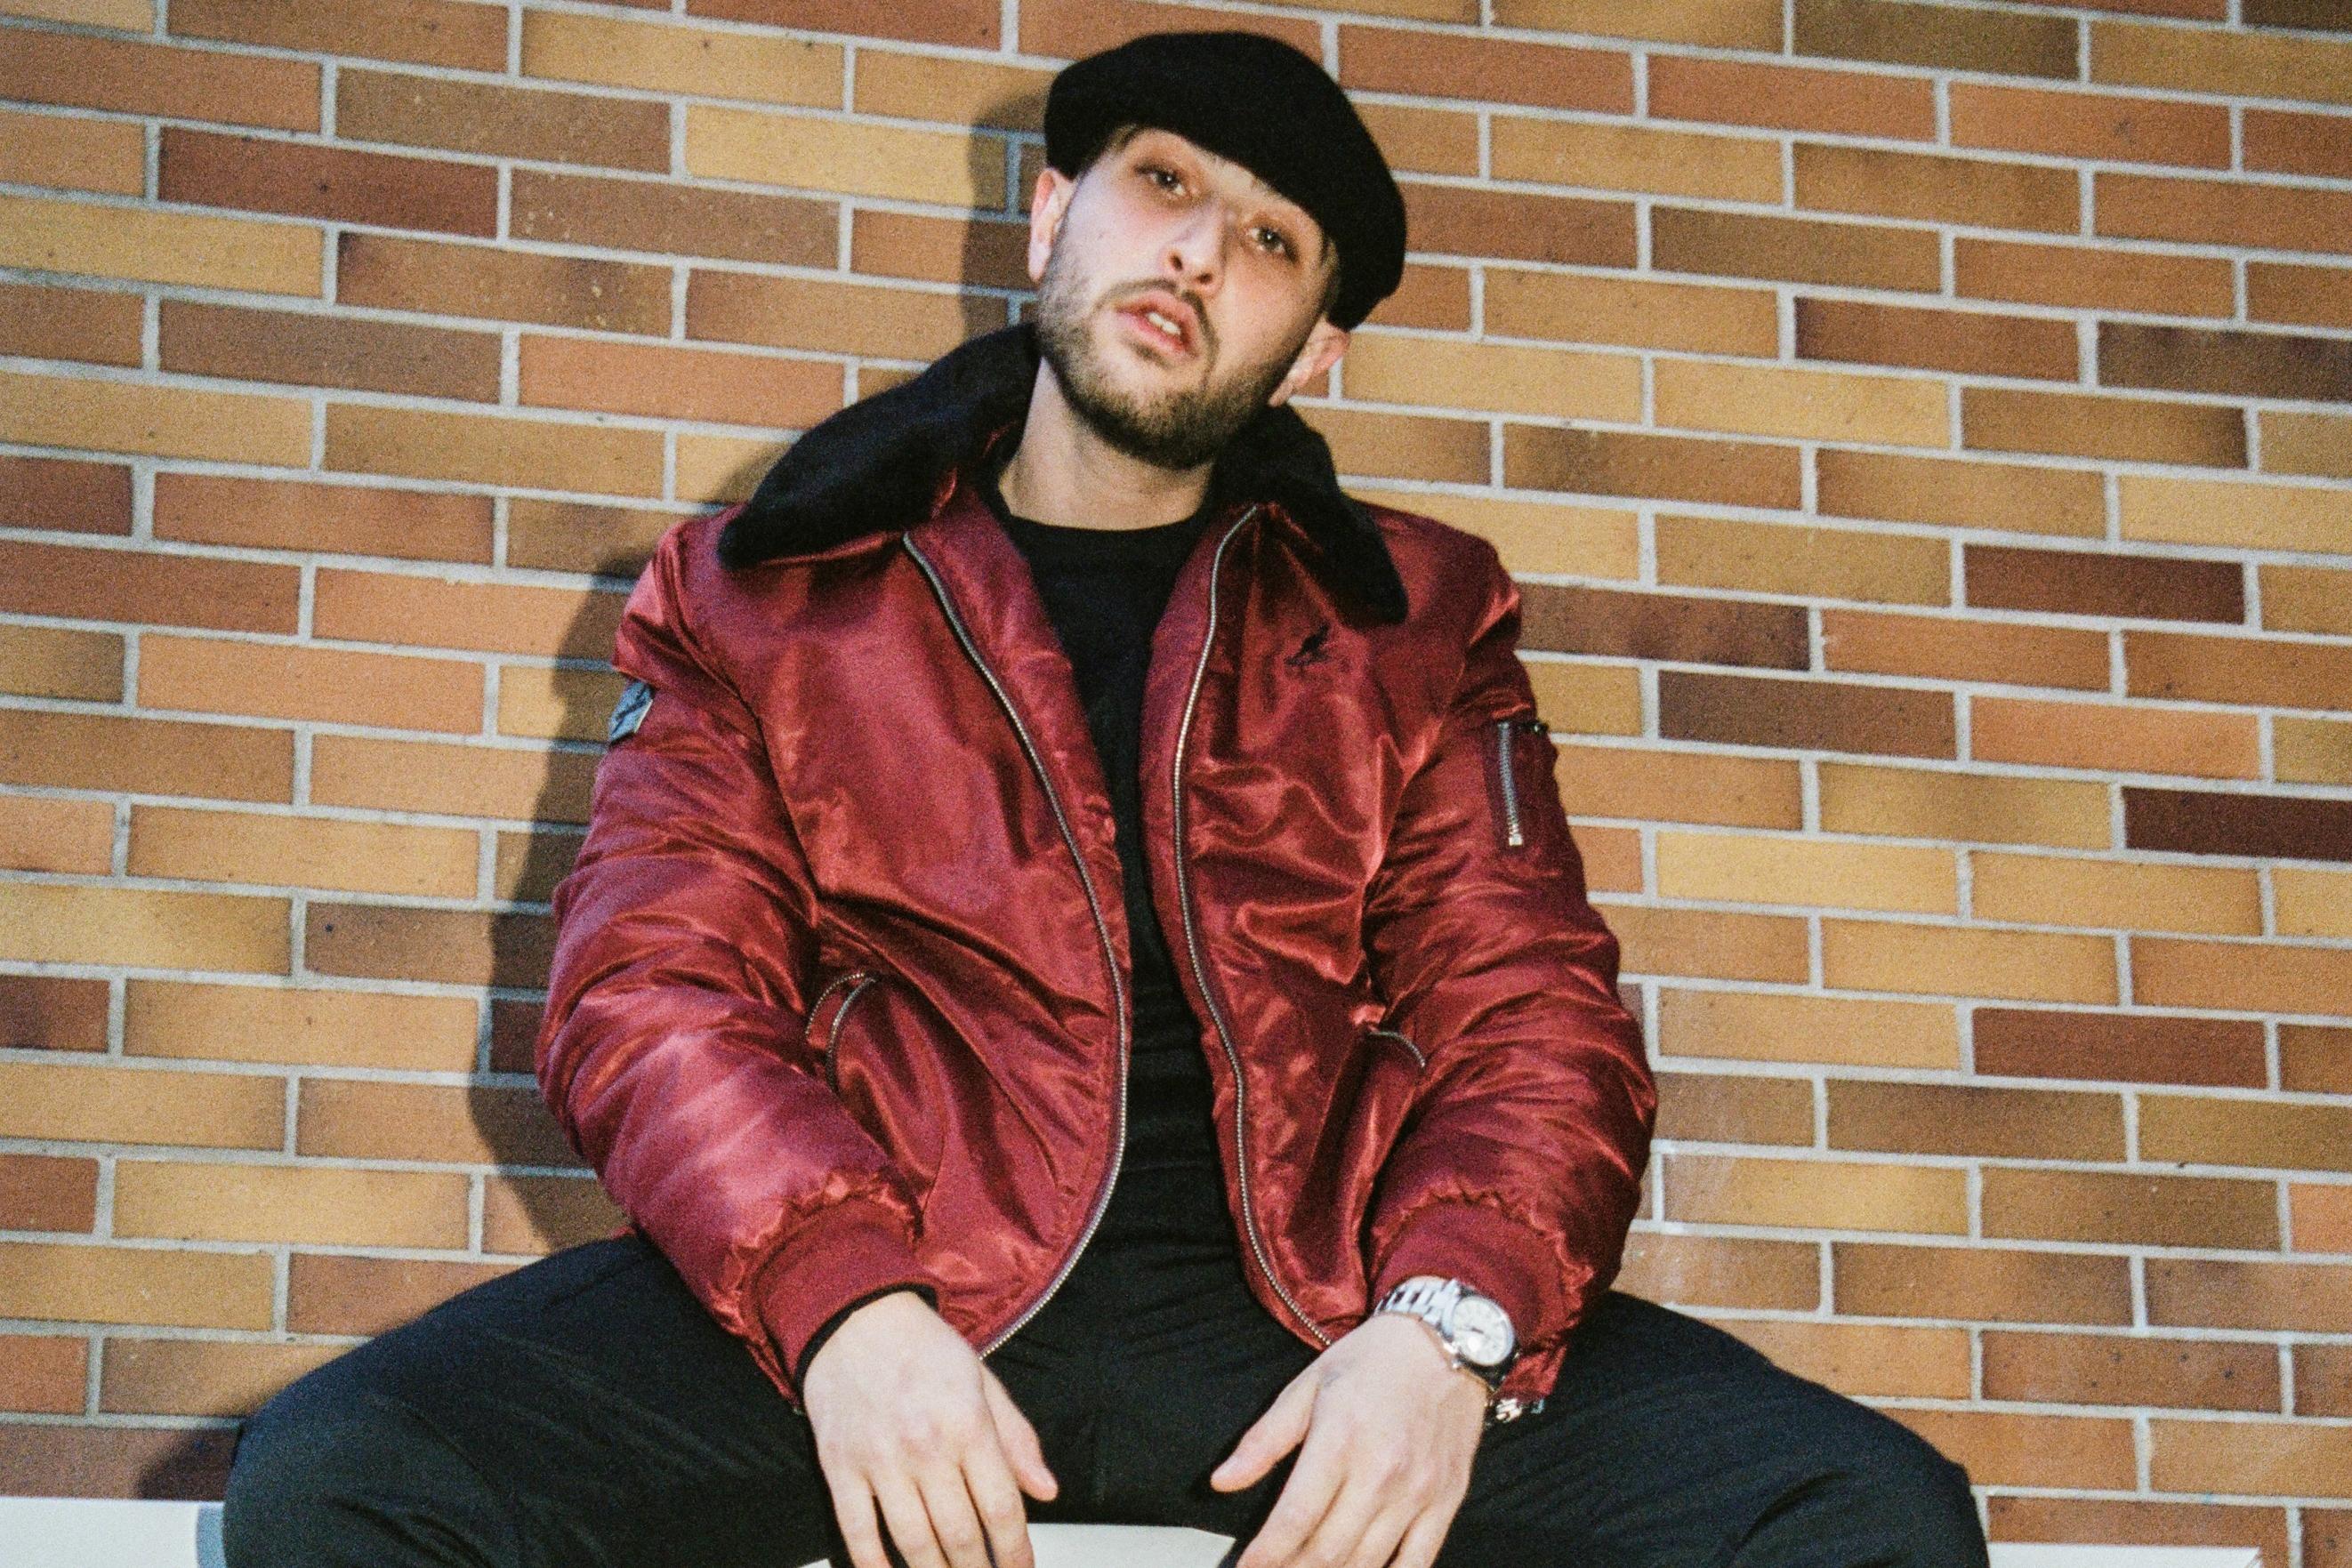 Rapper Nimo sitzt auf einer Metalltruhe in einem dunkelrotem Blazer und einer schwarzen Mütze und schaut in die Kamera.